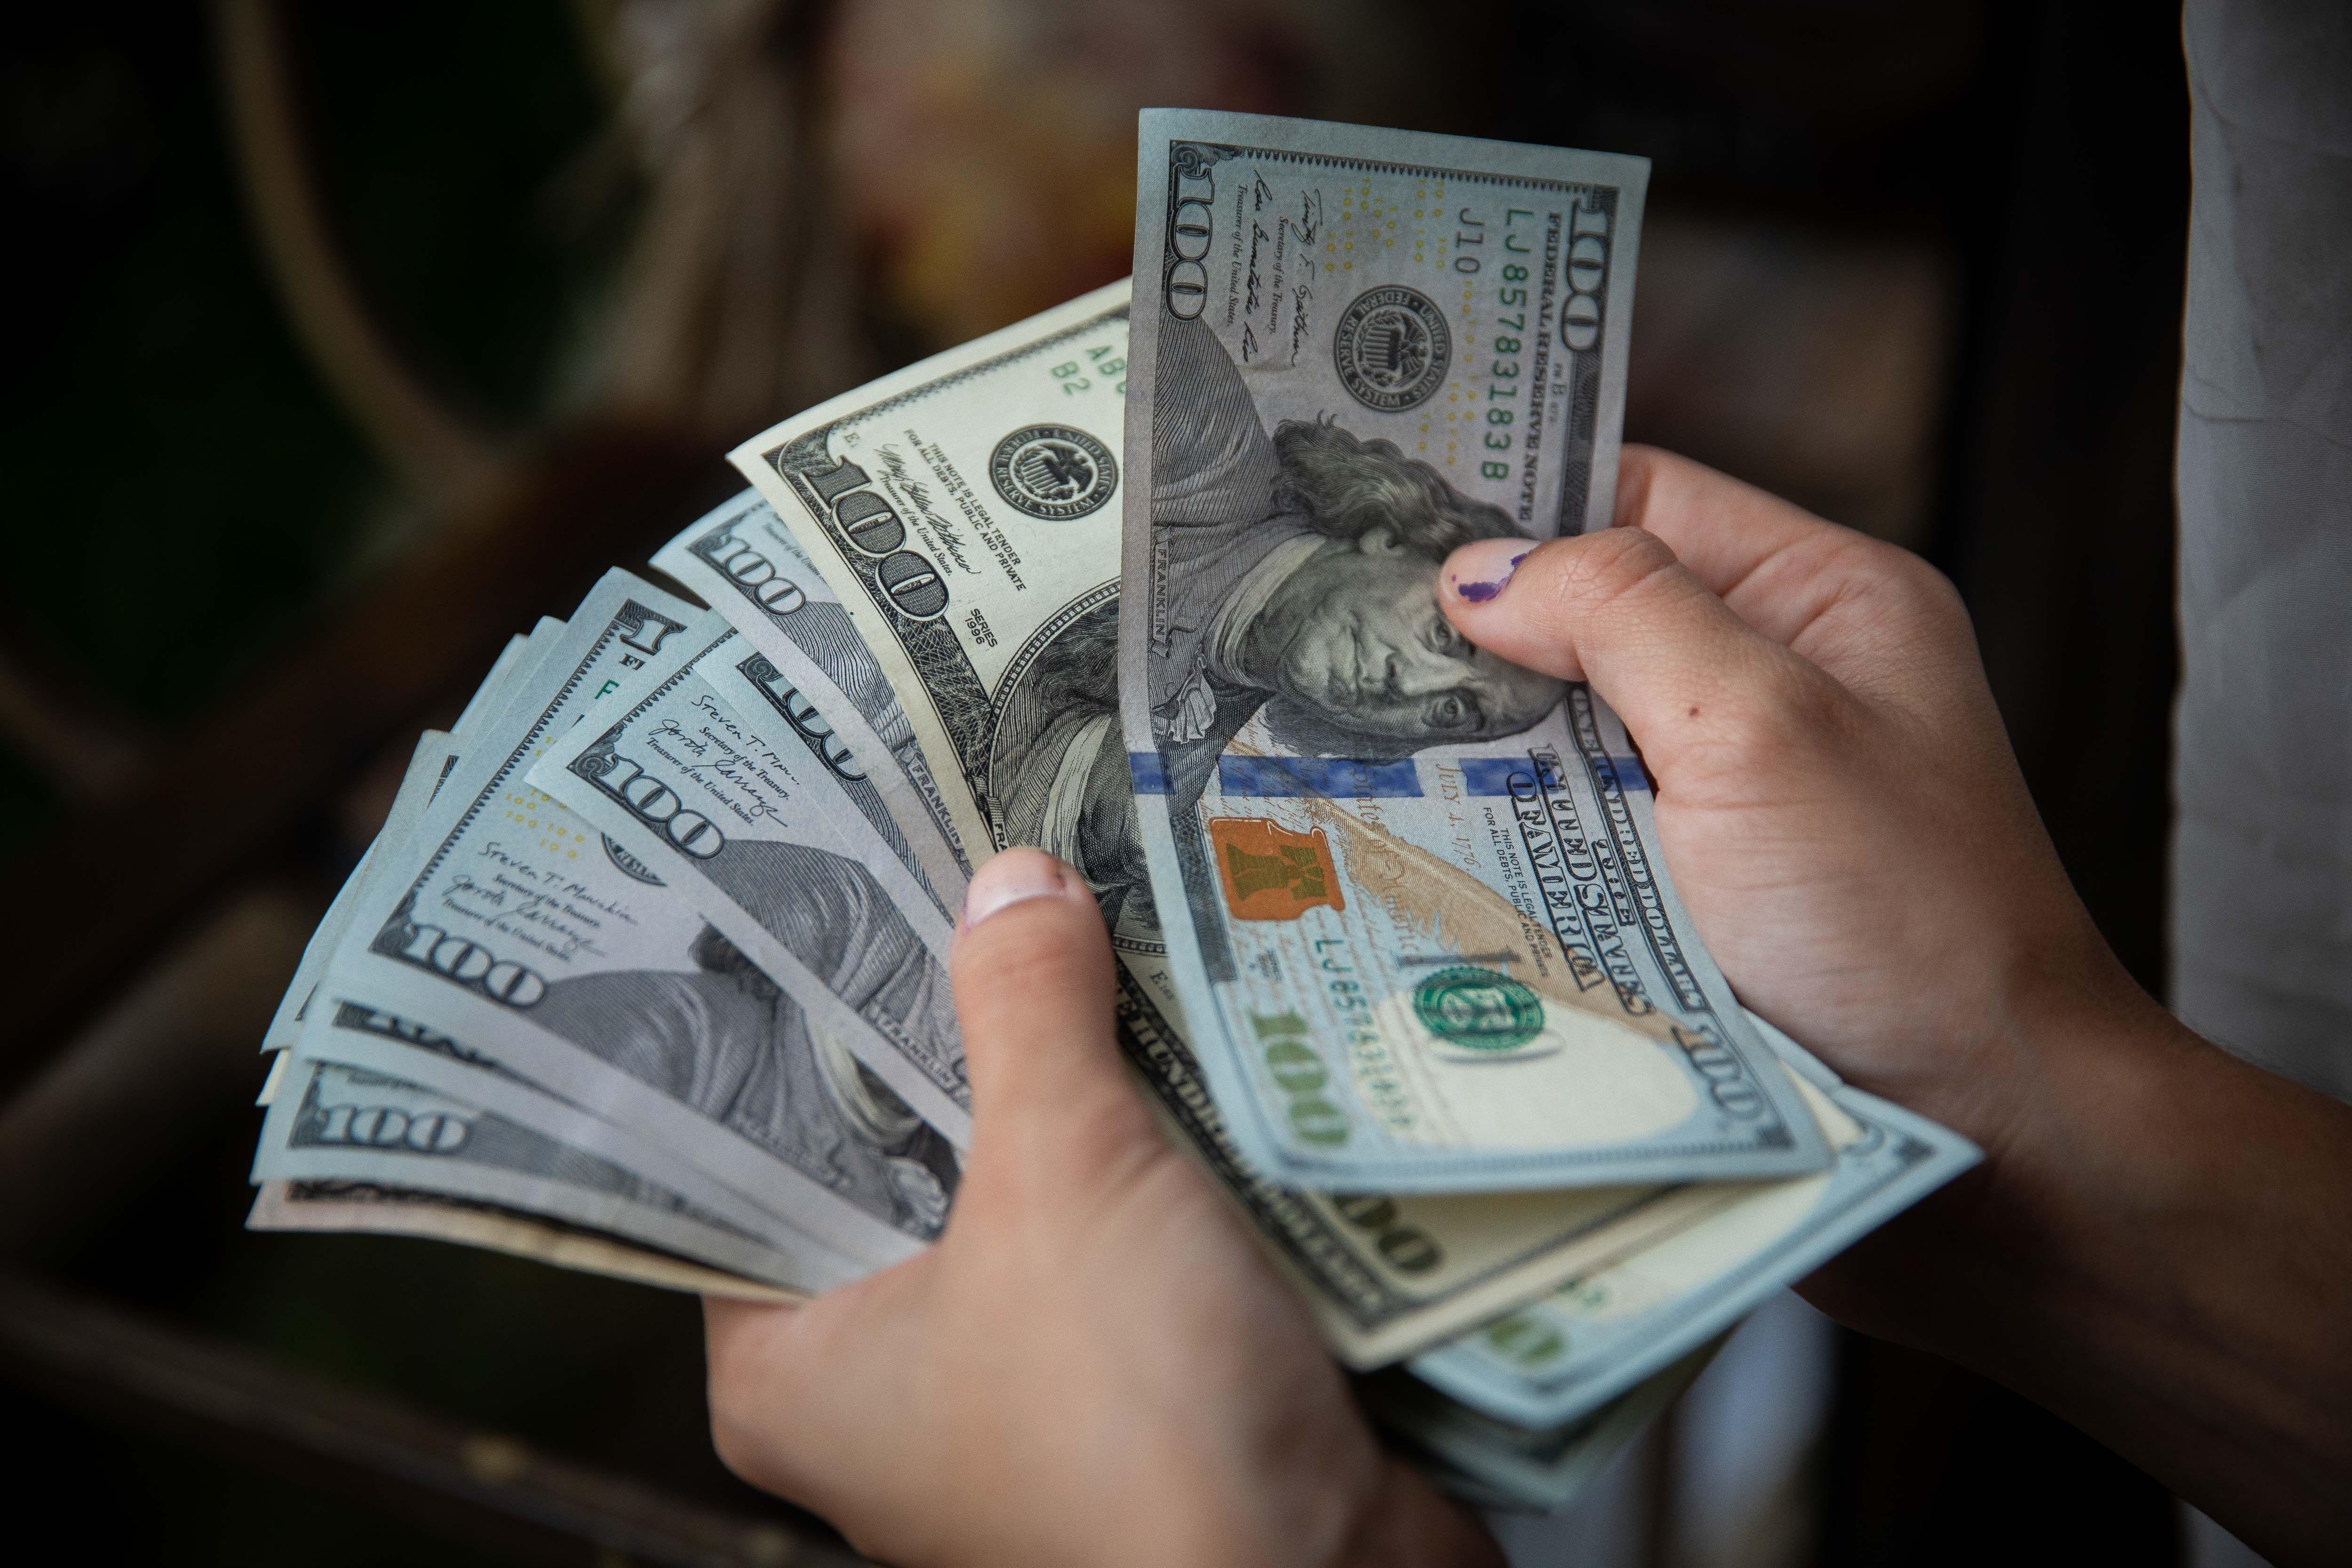 """El denominado """"dólar blue"""" (mercado informal minorista) avanzó este miércoles 3,50 pesos y cerró a 187 pesos para la venta. Fotografía de archivo. EFE/Rayner Peña R."""